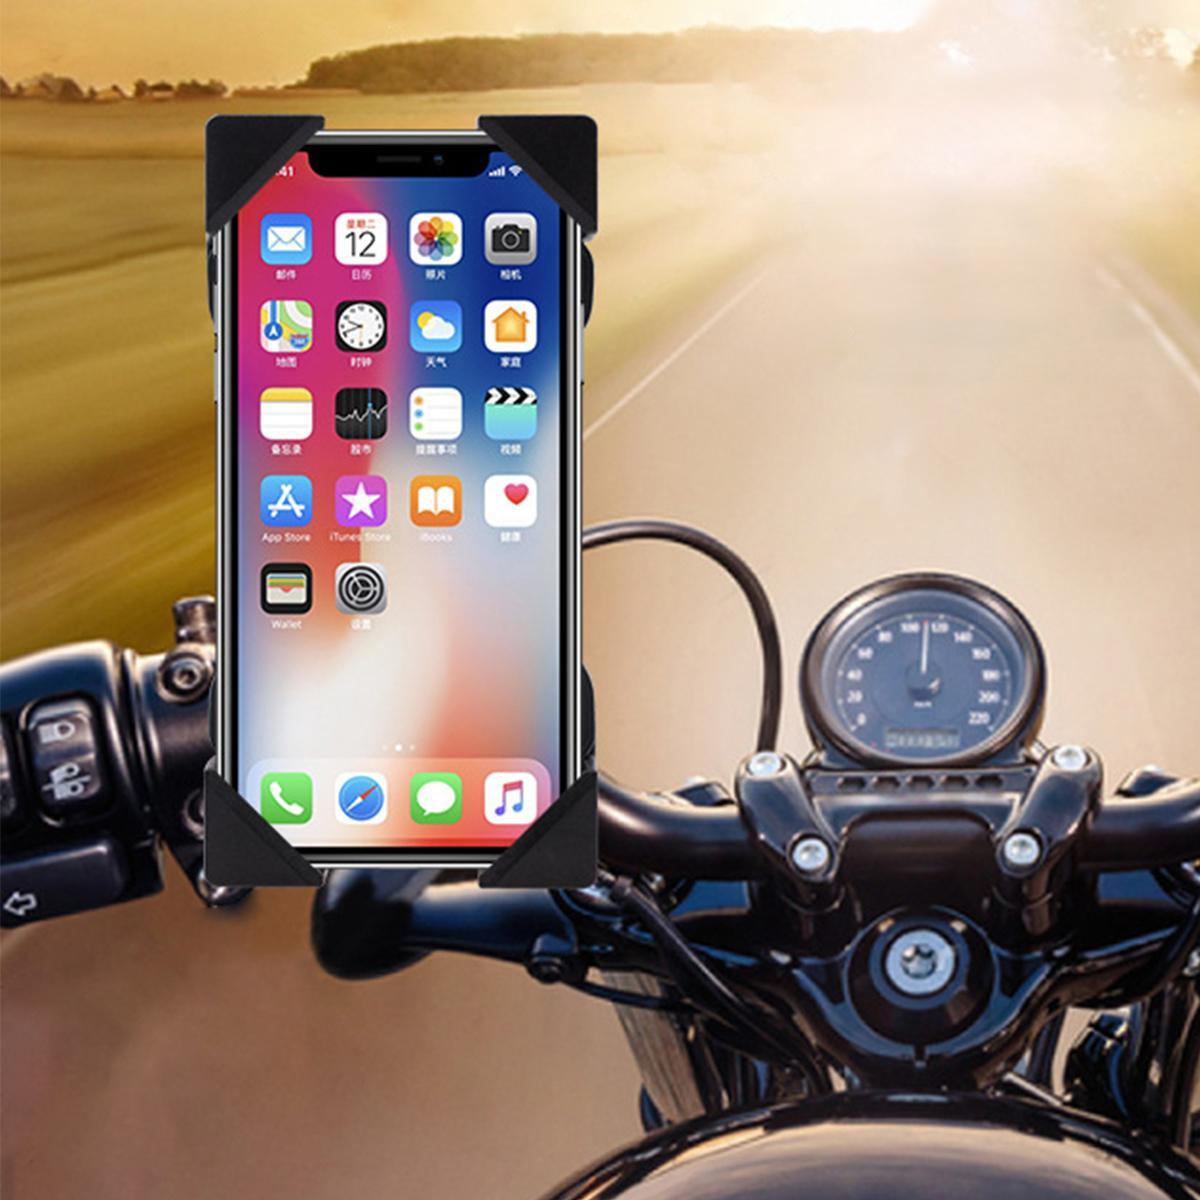 motocicleta guiador montar usb de carregamento do telefone movel gps suporte suporte da motocicleta acessorios